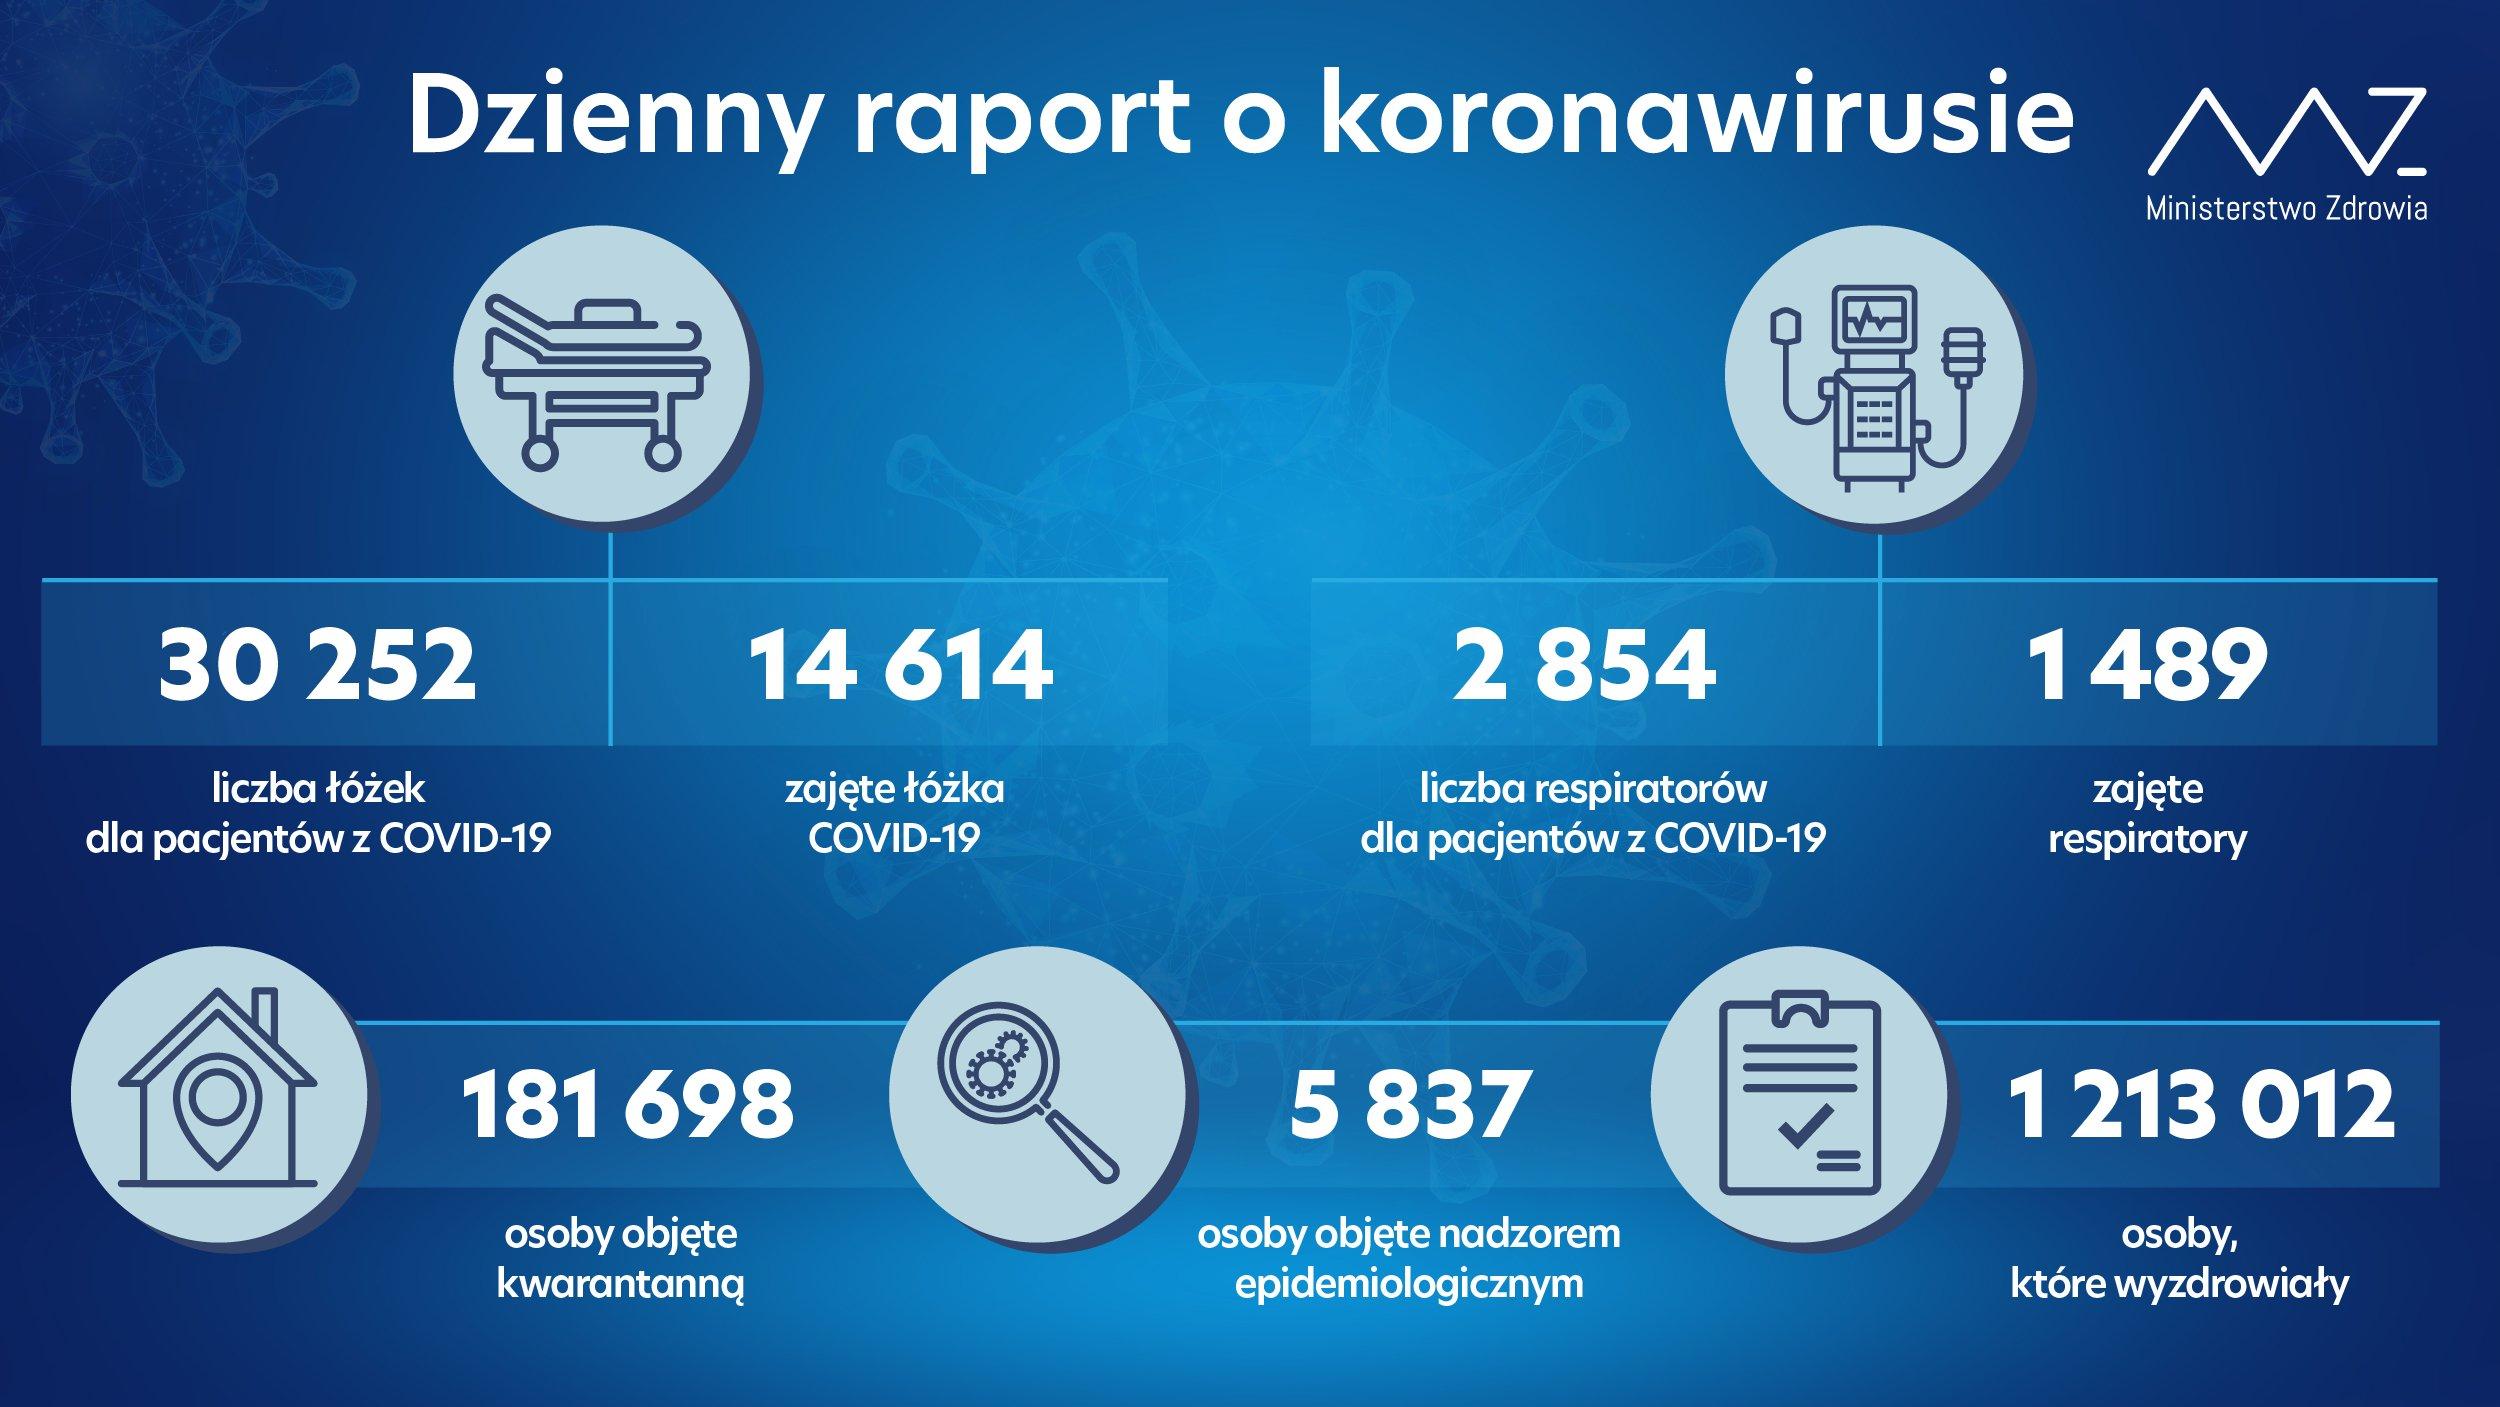 - liczba łóżek dla pacjentów z COVID-19: 30 252 - liczba łóżek zajętych: 14 614 - liczba respiratorów dla pacjentów z COVID-19: 2 854 - liczba zajętych respiratorów: 1 489 - liczba osób objętych kwarantanną: 181 698 - liczba osób objętych nadzorem sanitarno-epidemiologicznym: 5 837 - liczba osób, które wyzdrowiały: 1 213 012